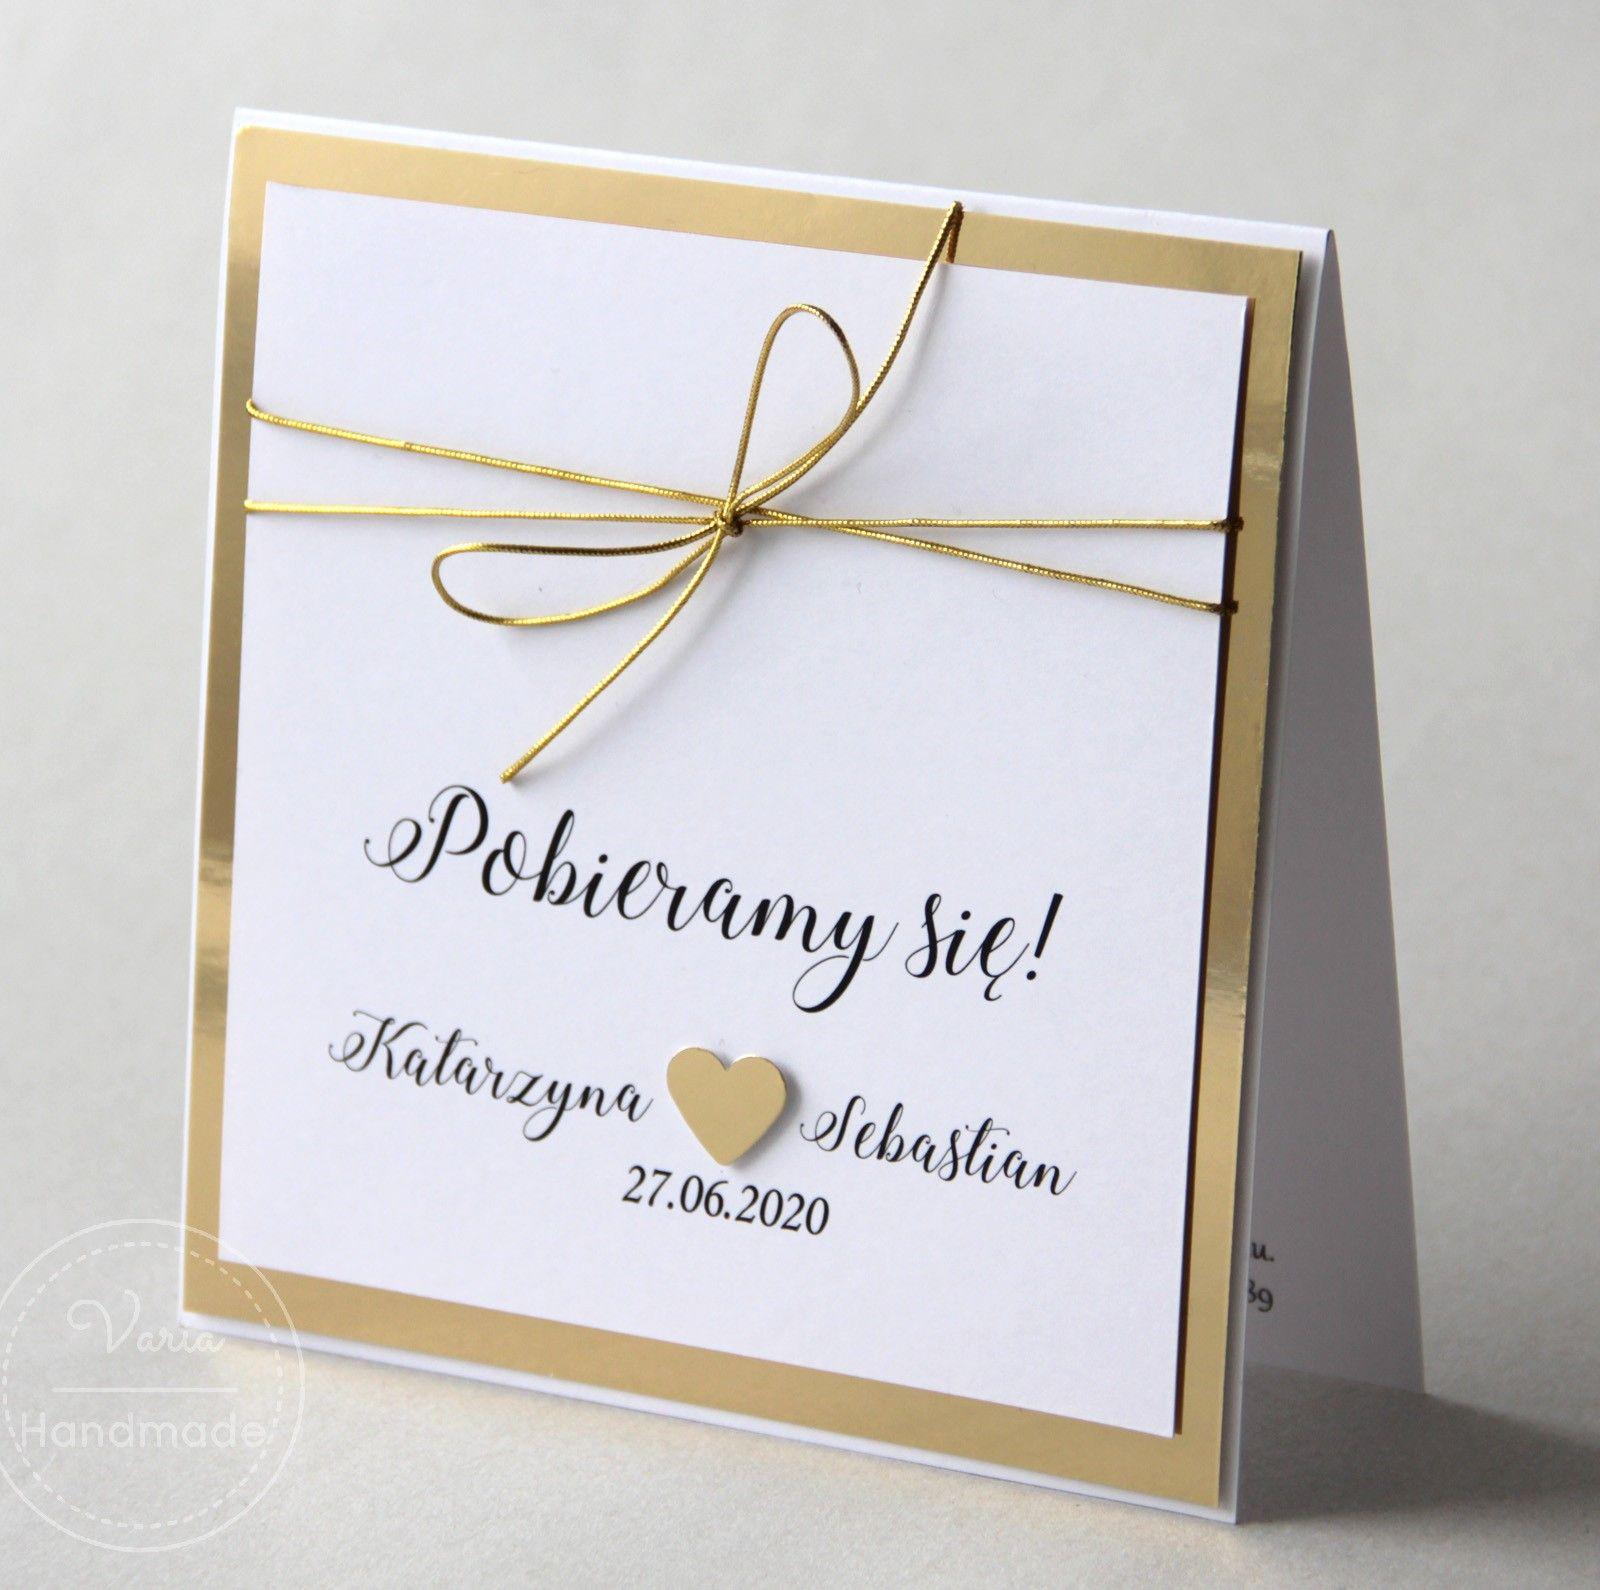 Lustrzane Zaproszenie Na Slub Ze Zlotym Sznurkiem Creative Wedding Invitations Wedding Invitations Invitations